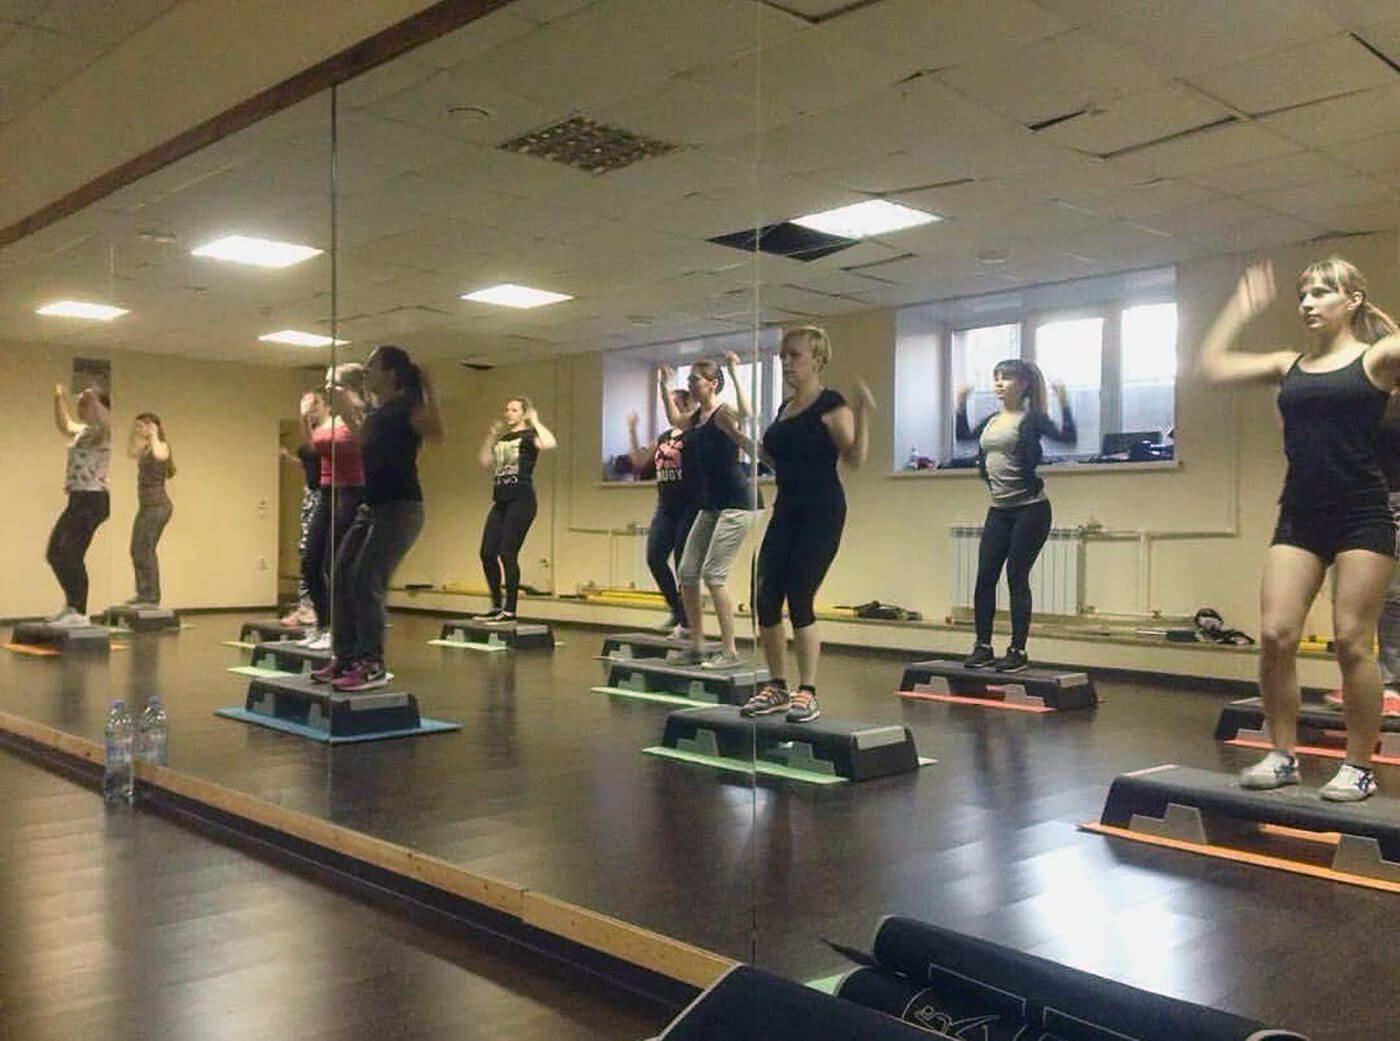 Так выглядит групповая тренировка по степ-аэробике. Тренер показывает упражнения и занимается вместе со всеми. Я обычно стою впереди группы, чтобы меня все видели